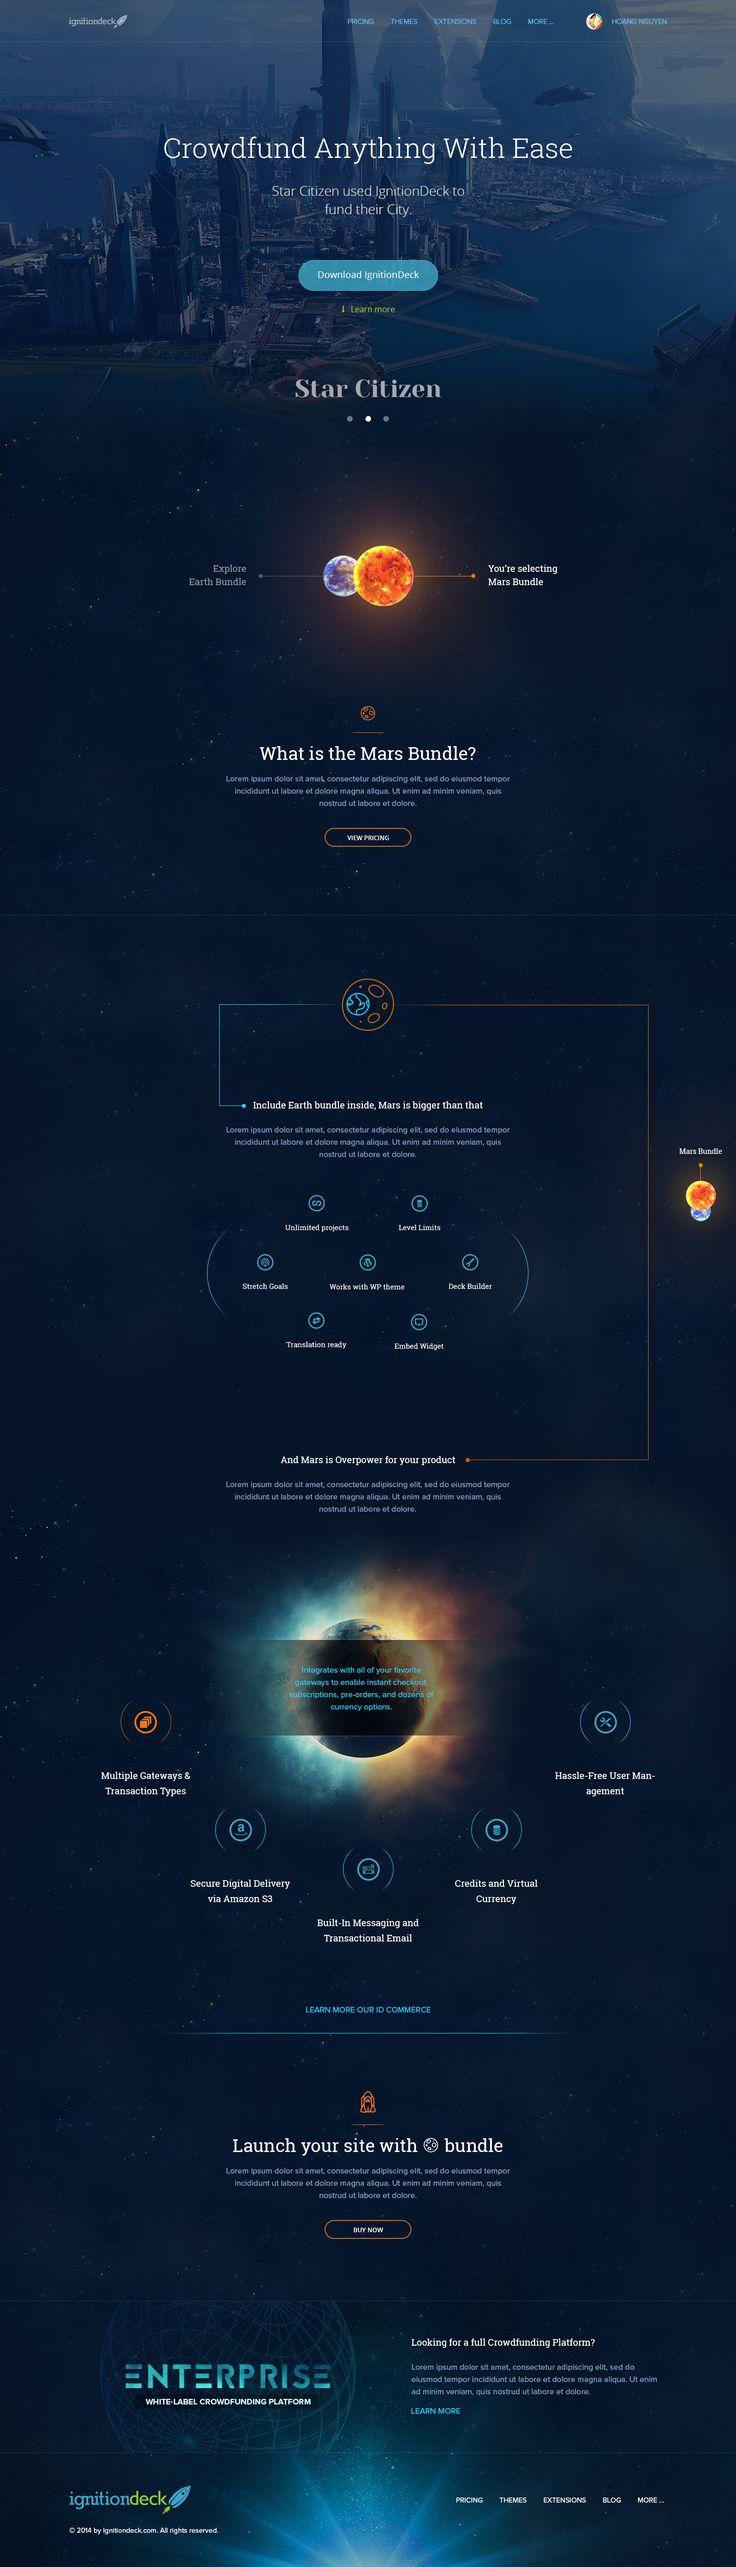 Ignitiondeck Website Design